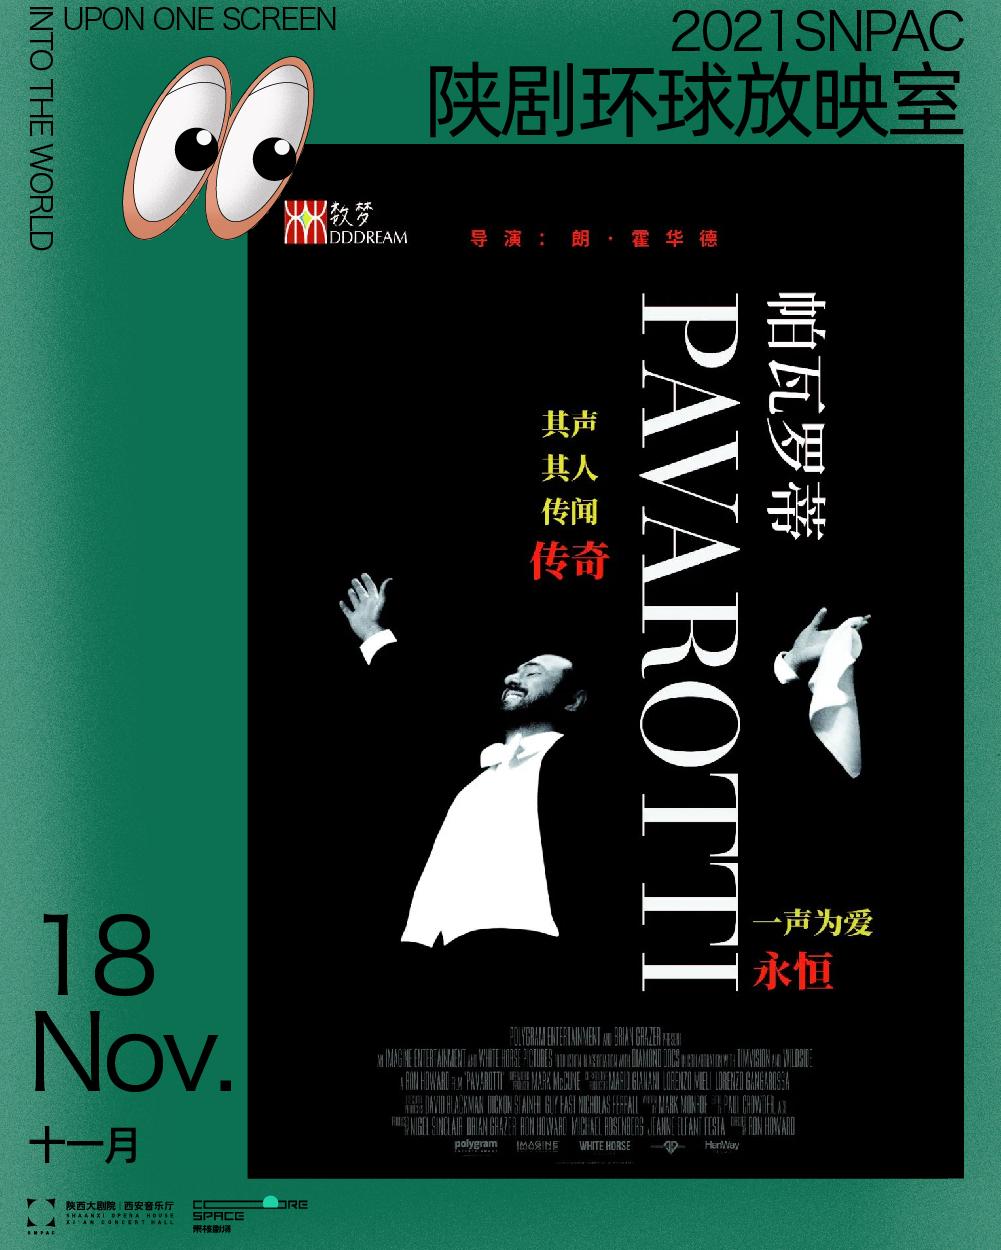 【SNPAC Global Screening】Pavarotti